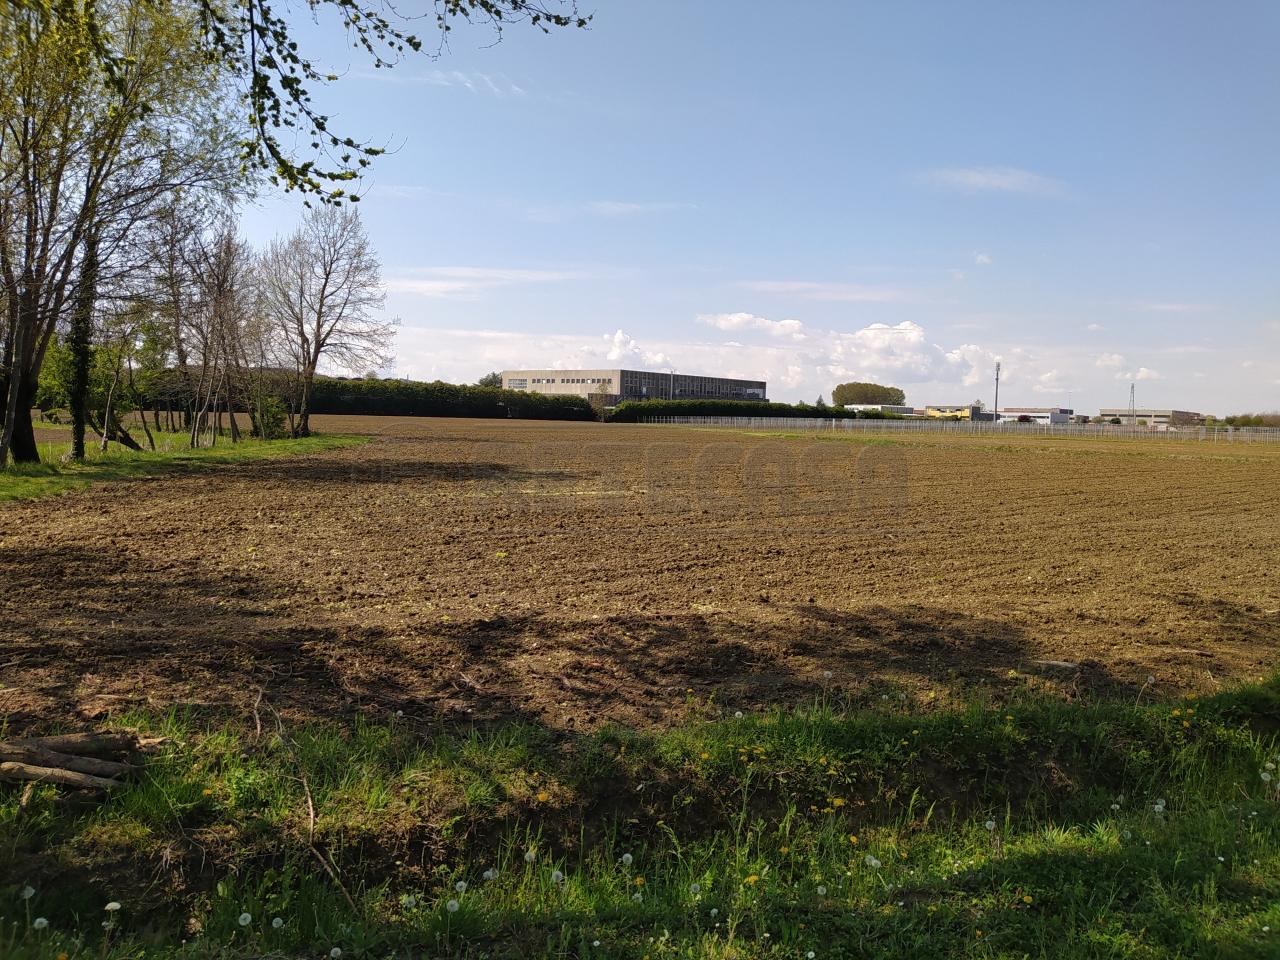 Terreno Agricolo in vendita a Casale sul Sile, 9999 locali, prezzo € 100.000 | CambioCasa.it